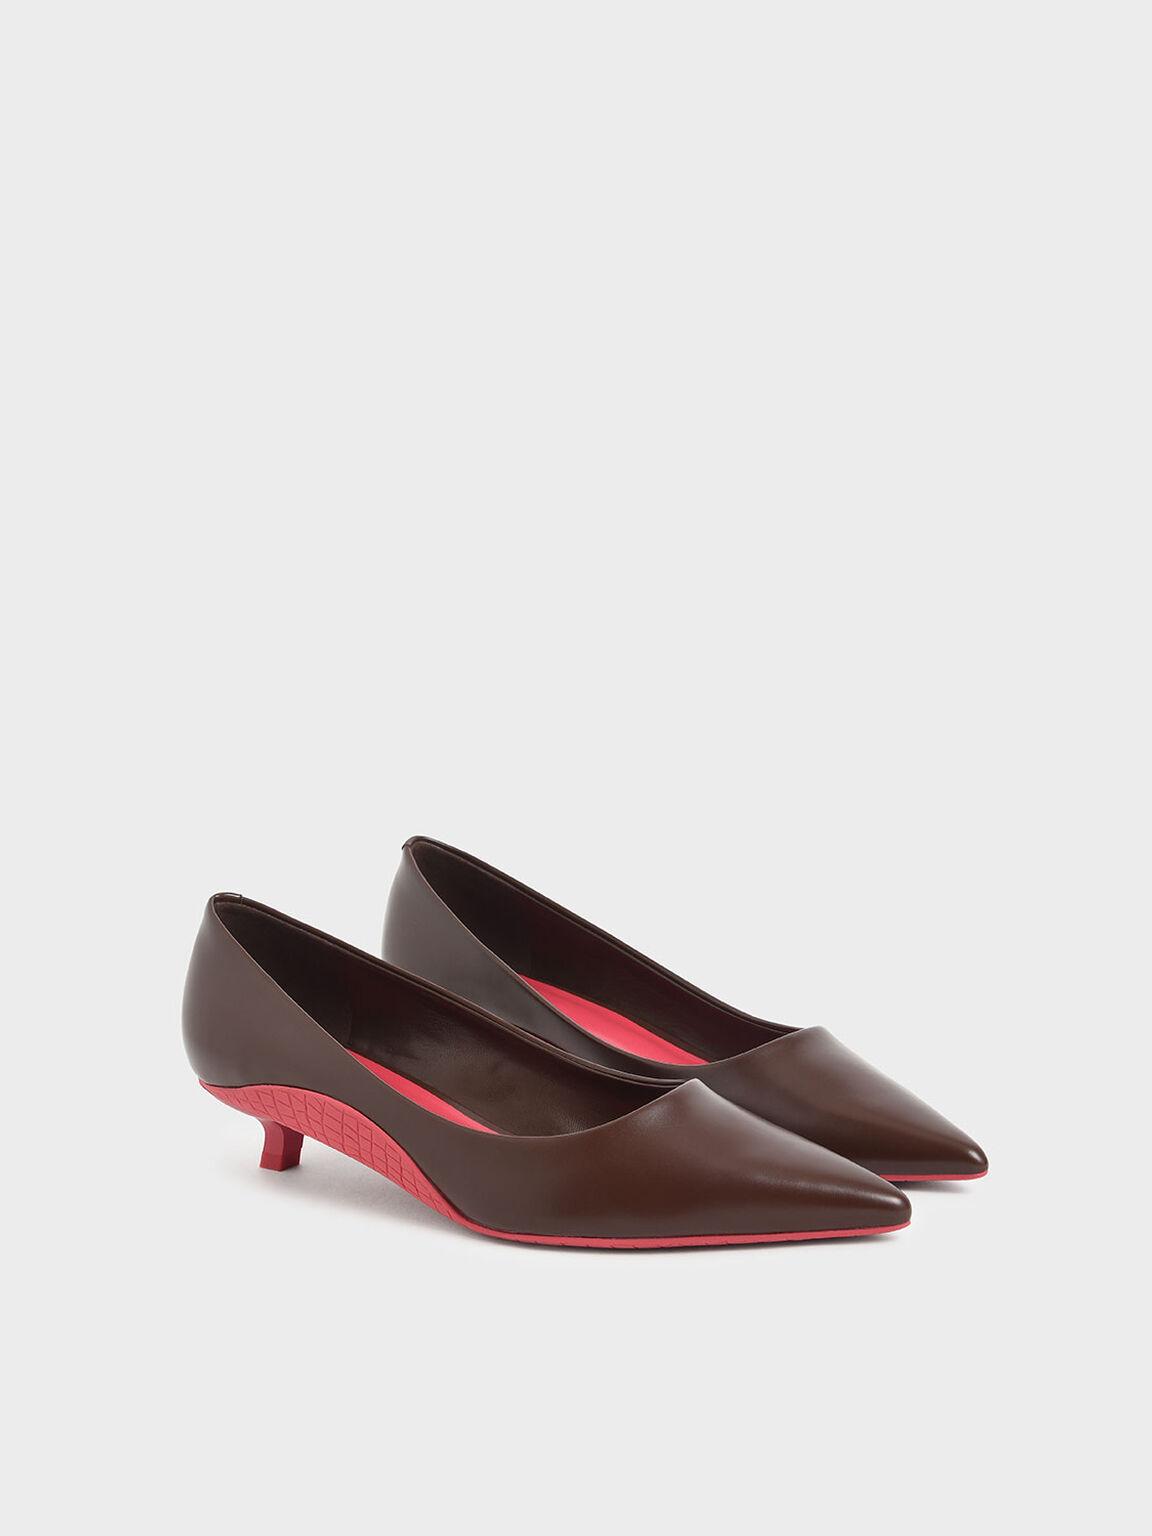 Two-Tone Kitten Heel Pumps, Dark Brown, hi-res